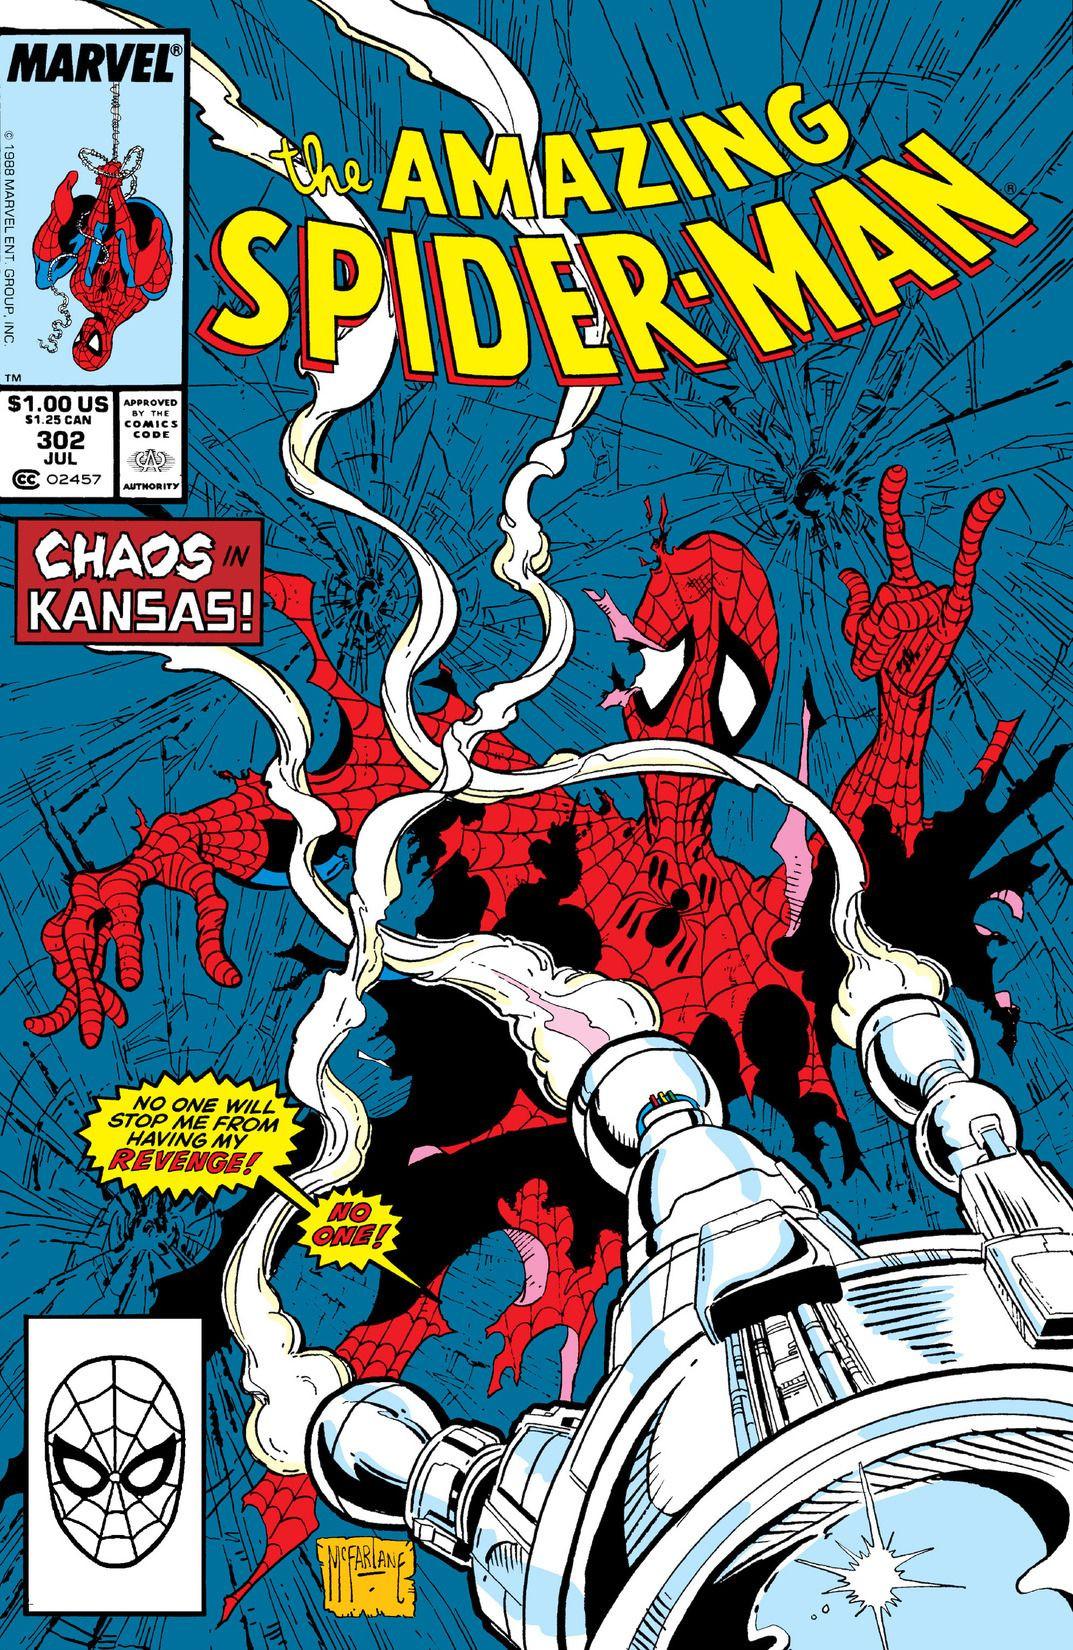 Amazing Spider-Man Vol 1 302